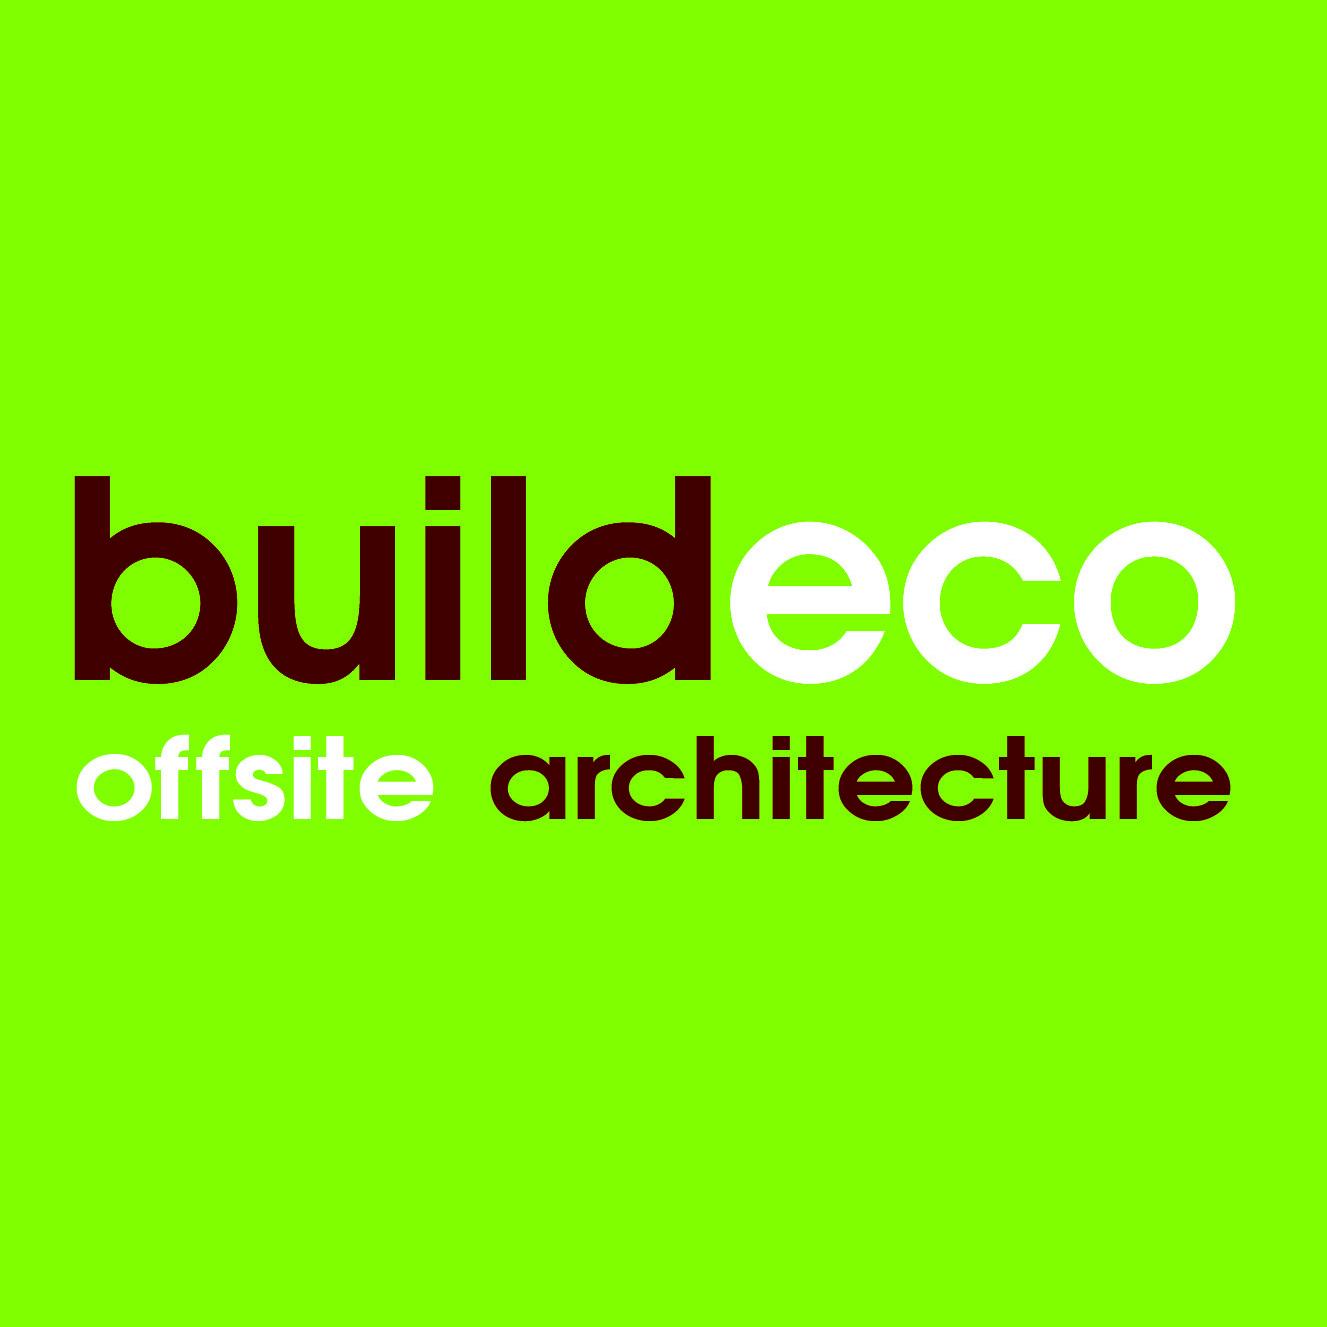 Buildeco